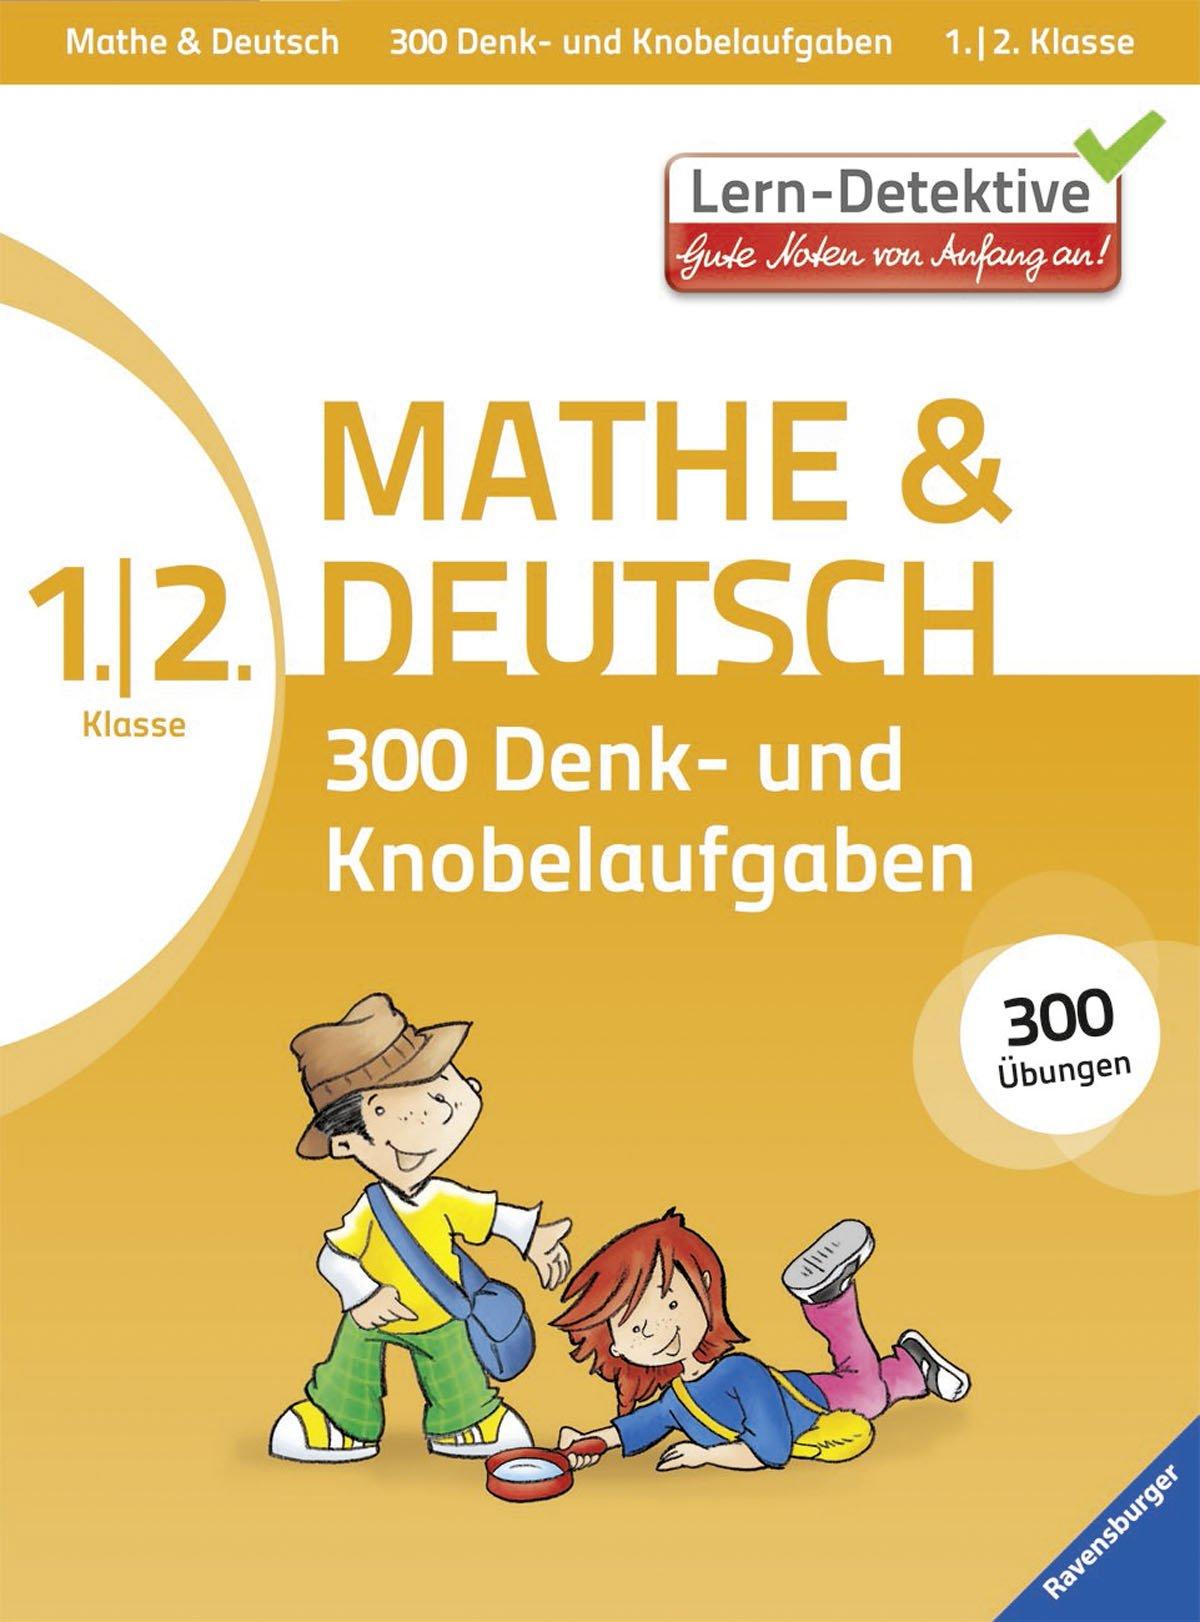 300-denk-und-knobelaufgaben-1-2-klasse-mathe-und-deutsch